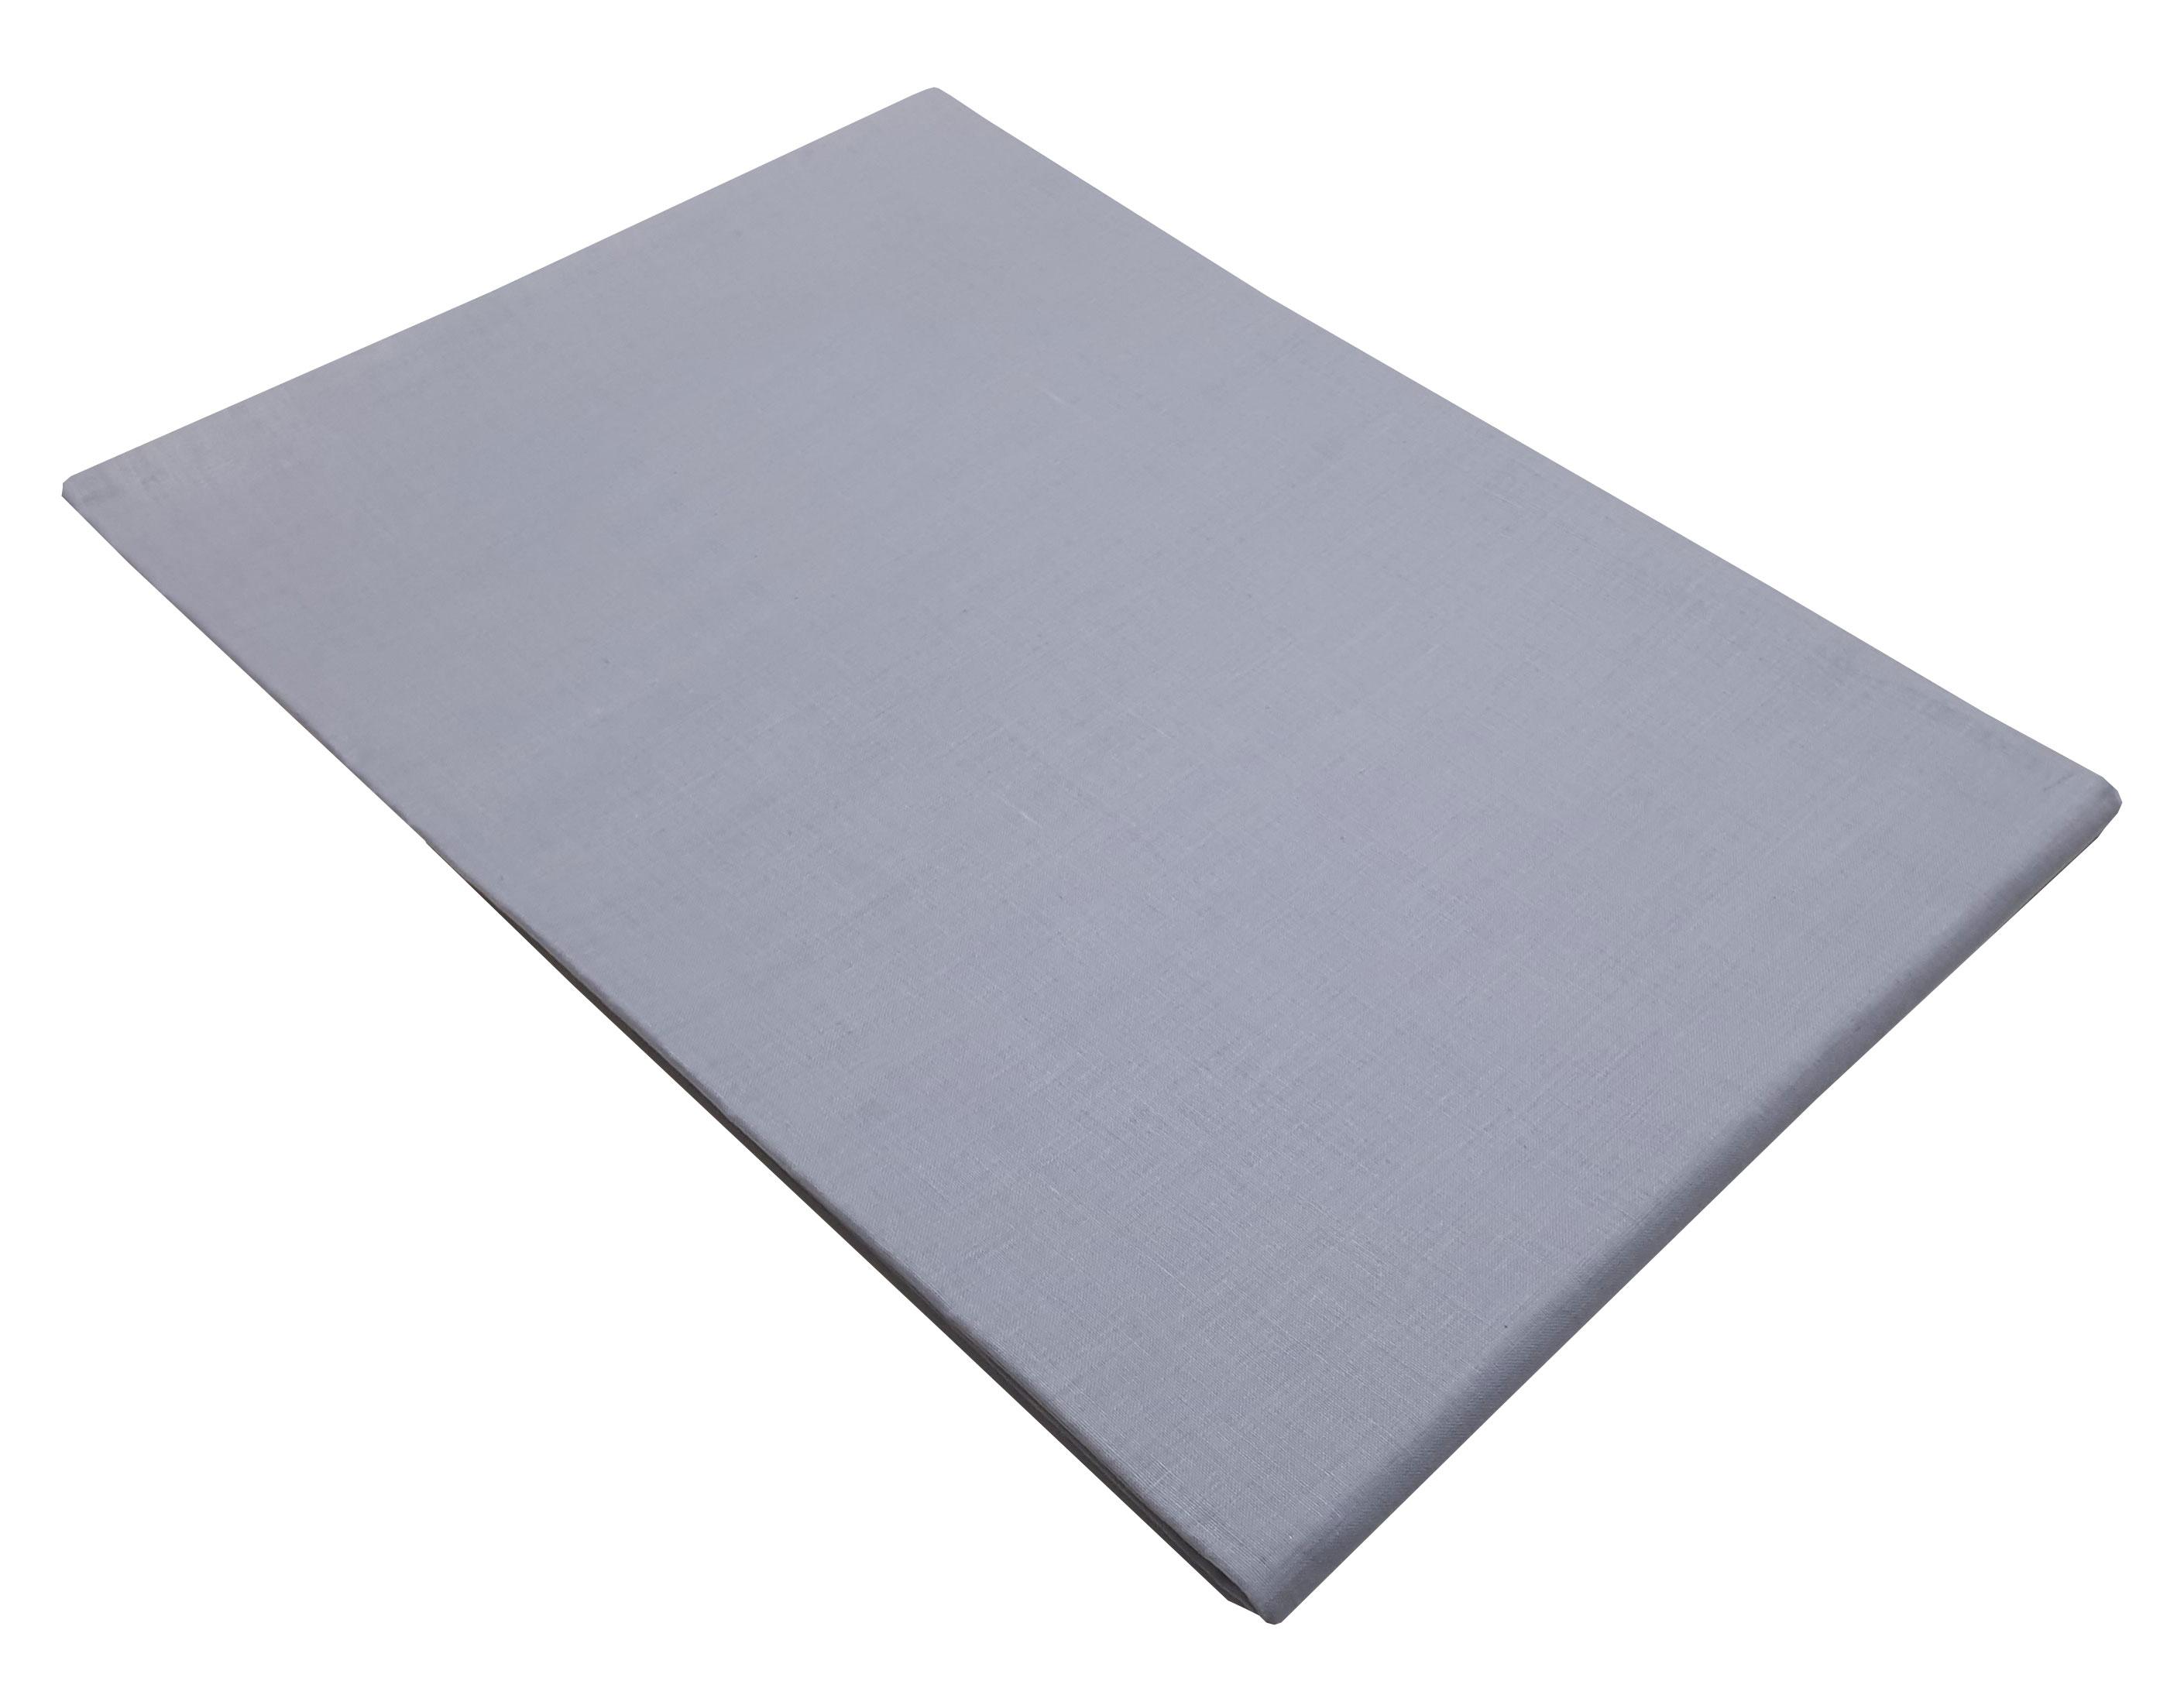 Ζεύγος Mαξιλαροθήκες ΚΟΜΒΟΣ Lavender Mονόχρωμες 50x70 - 7000139-30